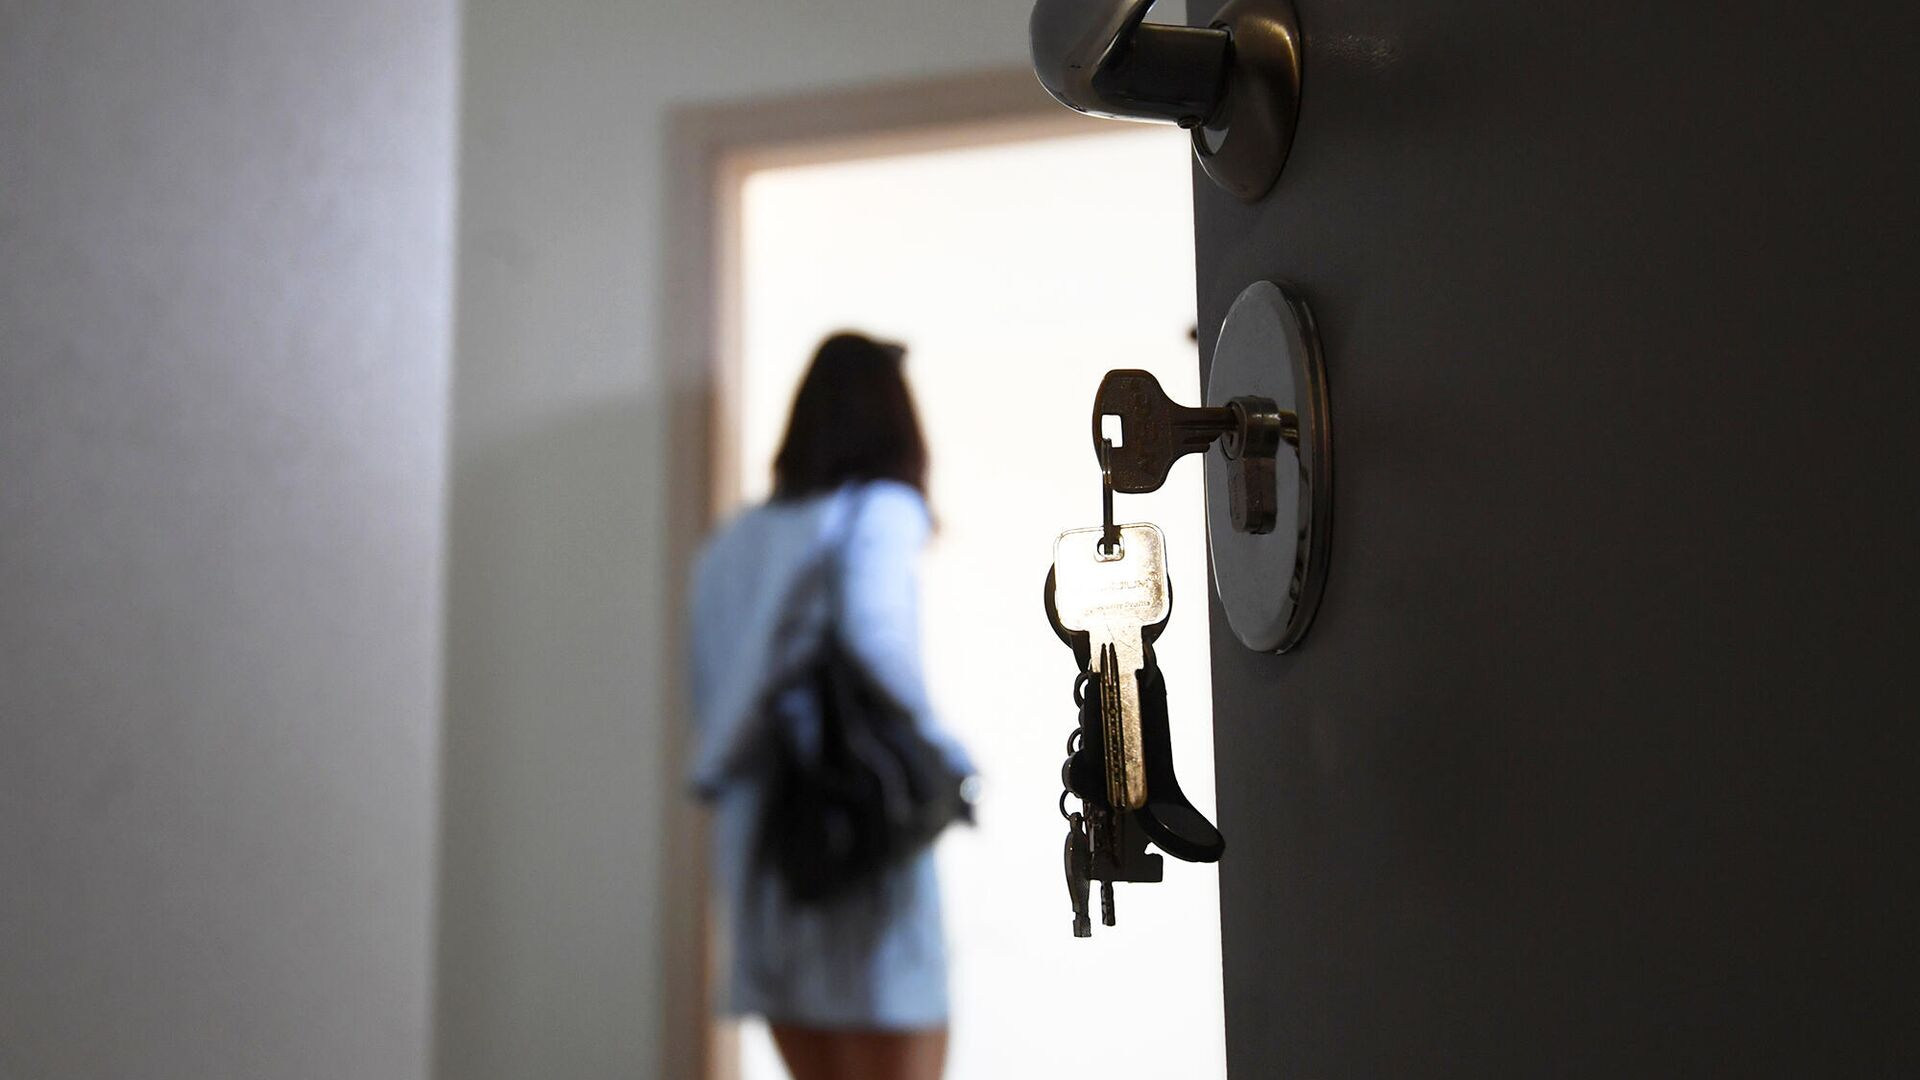 Входная дверь квартиры в новостройке - РИА Новости, 1920, 02.05.2021